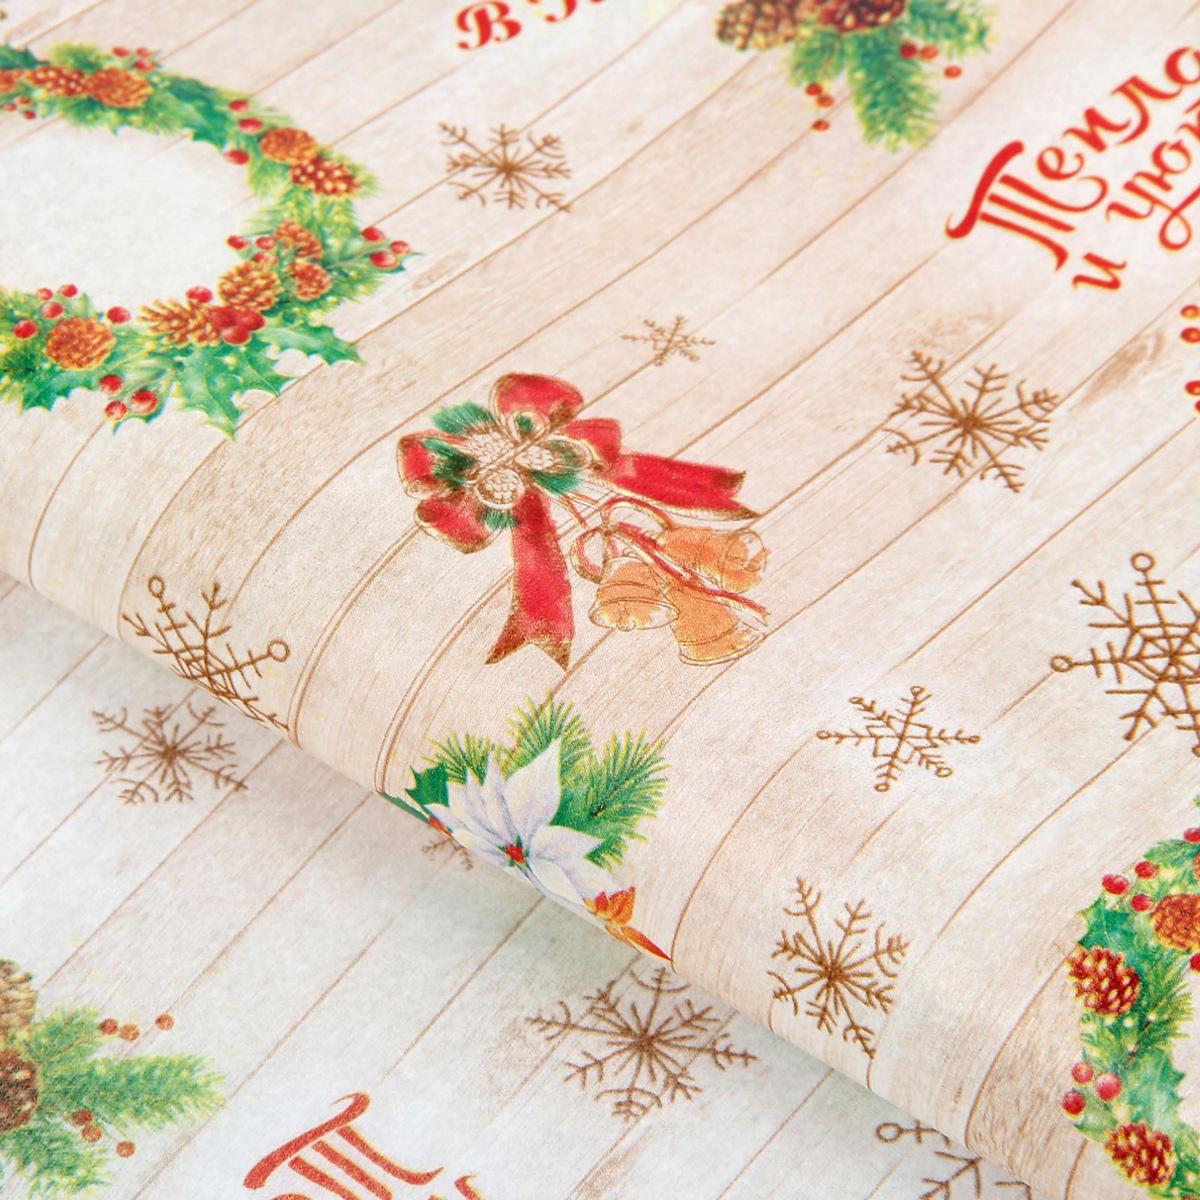 Бумага упаковочная Sima-land Тепла и уюта, тишью, цвет: бежевый, 50 х 70 см1386355Бумага упаковочная Sima-land - это стильный и модный тренд в декоре и упаковке. Она универсальна в оформлении любой продукции и подарка и сделает даже обычный презент заметным, приятным и стильным.